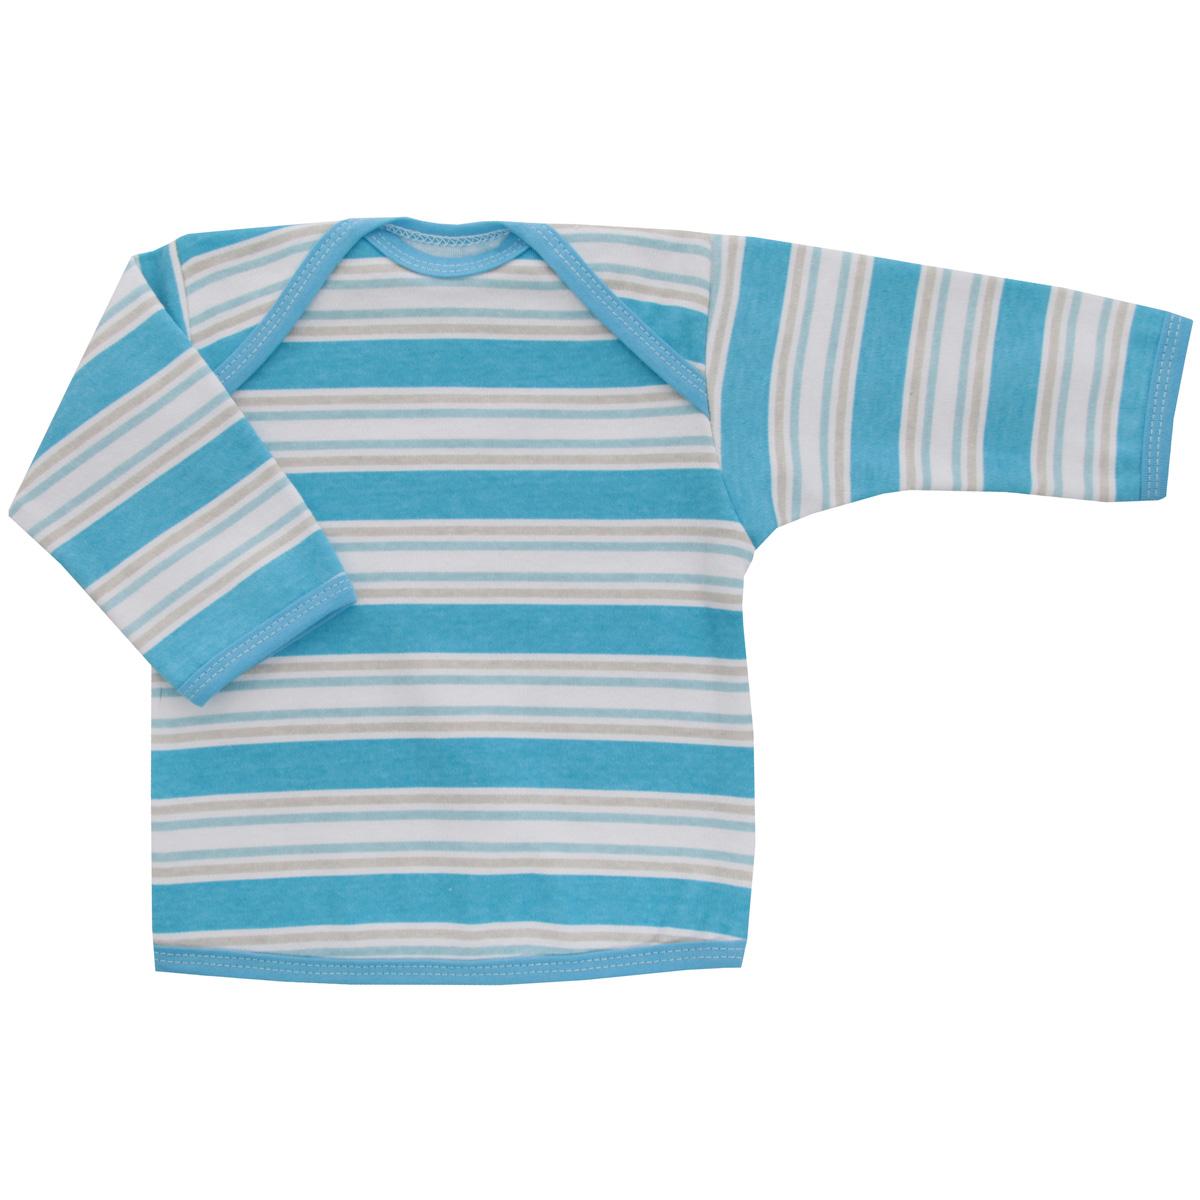 Футболка с длинным рукавом детская Трон-плюс, цвет: голубой, белый. 5611_полоска. Размер 74, 9 месяцев5611_полоскаУдобная детская футболка Трон-плюс с длинными рукавами послужит идеальным дополнением к гардеробу вашего ребенка, обеспечивая ему наибольший комфорт. Изготовленная из интерлока - натурального хлопка, она необычайно мягкая и легкая, не раздражает нежную кожу ребенка и хорошо вентилируется, а эластичные швы приятны телу ребенка и не препятствуют его движениям. Удобные запахи на плечах помогают легко переодеть младенца. Горловина, низ модели и низ рукавов дополнены трикотажной бейкой. Спинка модели незначительно укорочена. Оформлено изделие принтом в полоску. Футболка полностью соответствует особенностям жизни ребенка в ранний период, не стесняя и не ограничивая его в движениях.